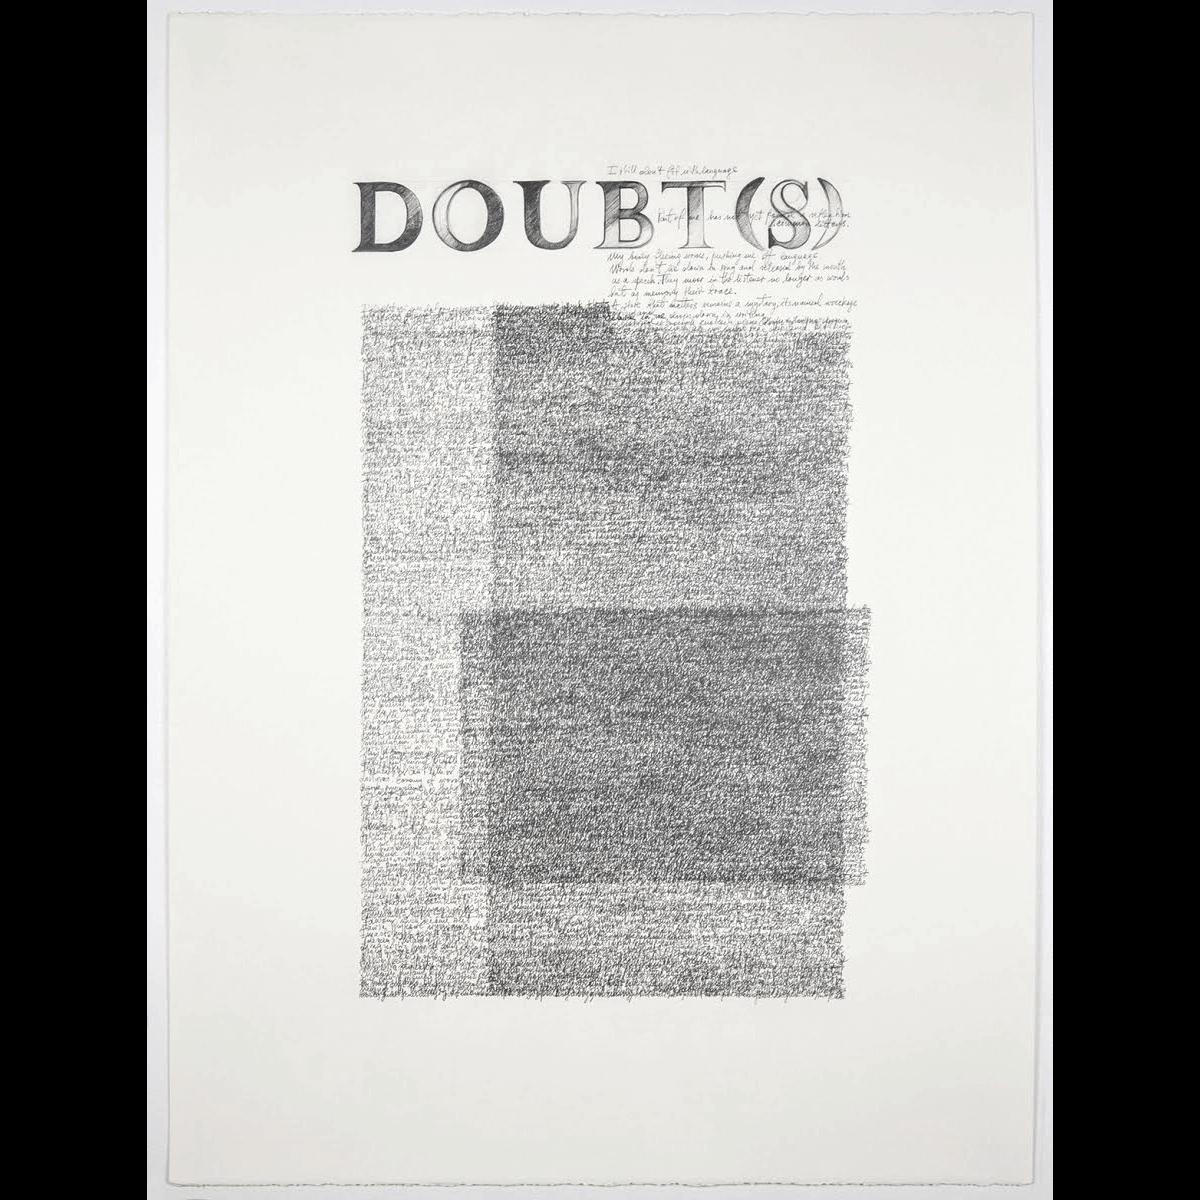 Małgorzata Dawidek, Doubts